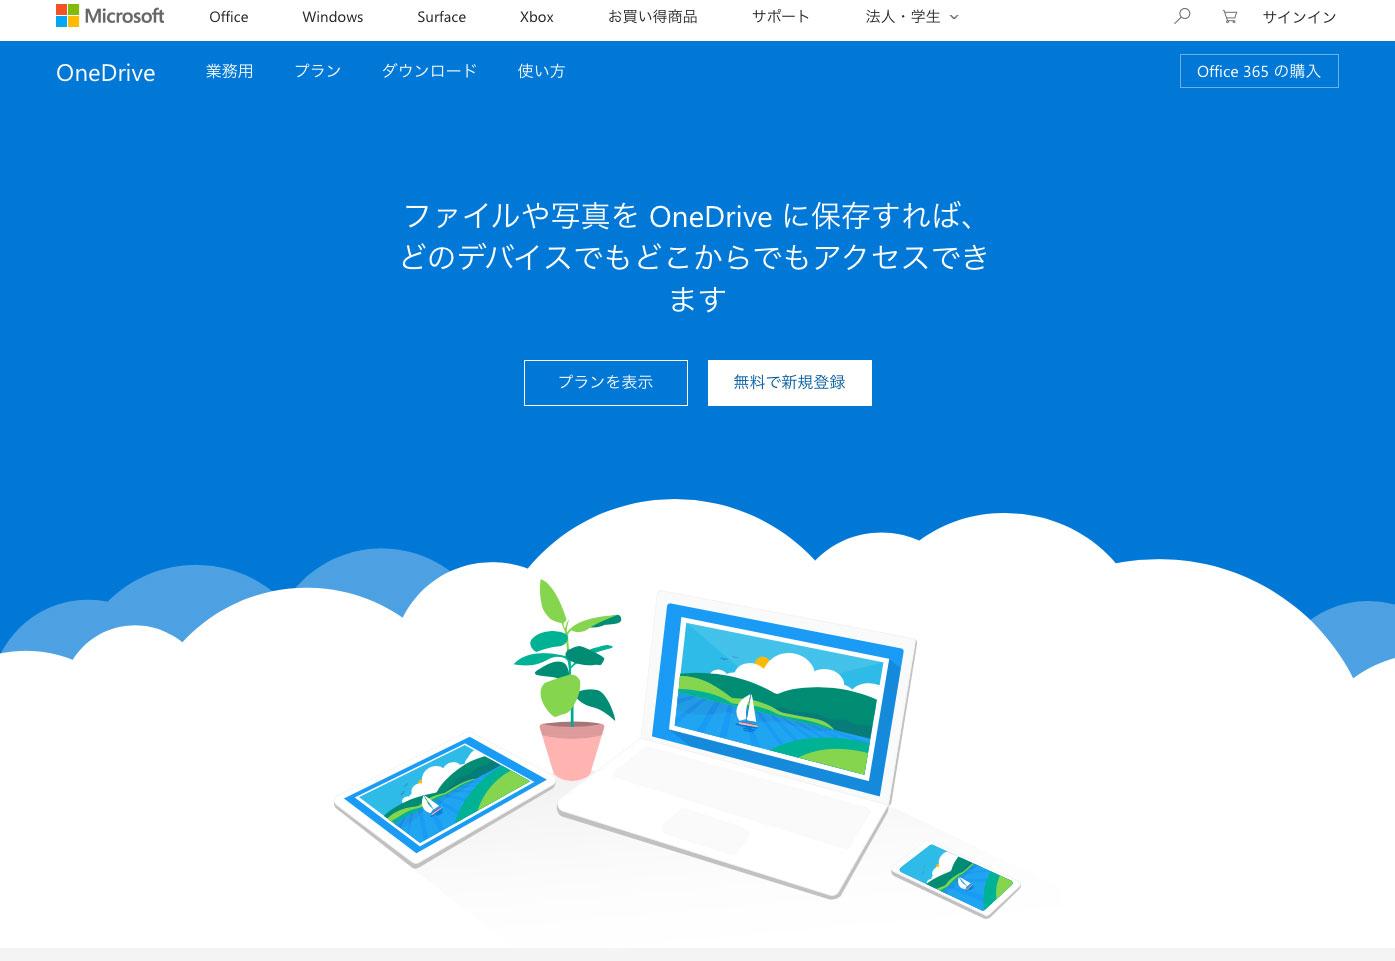 OneDriveのWebサイト画面